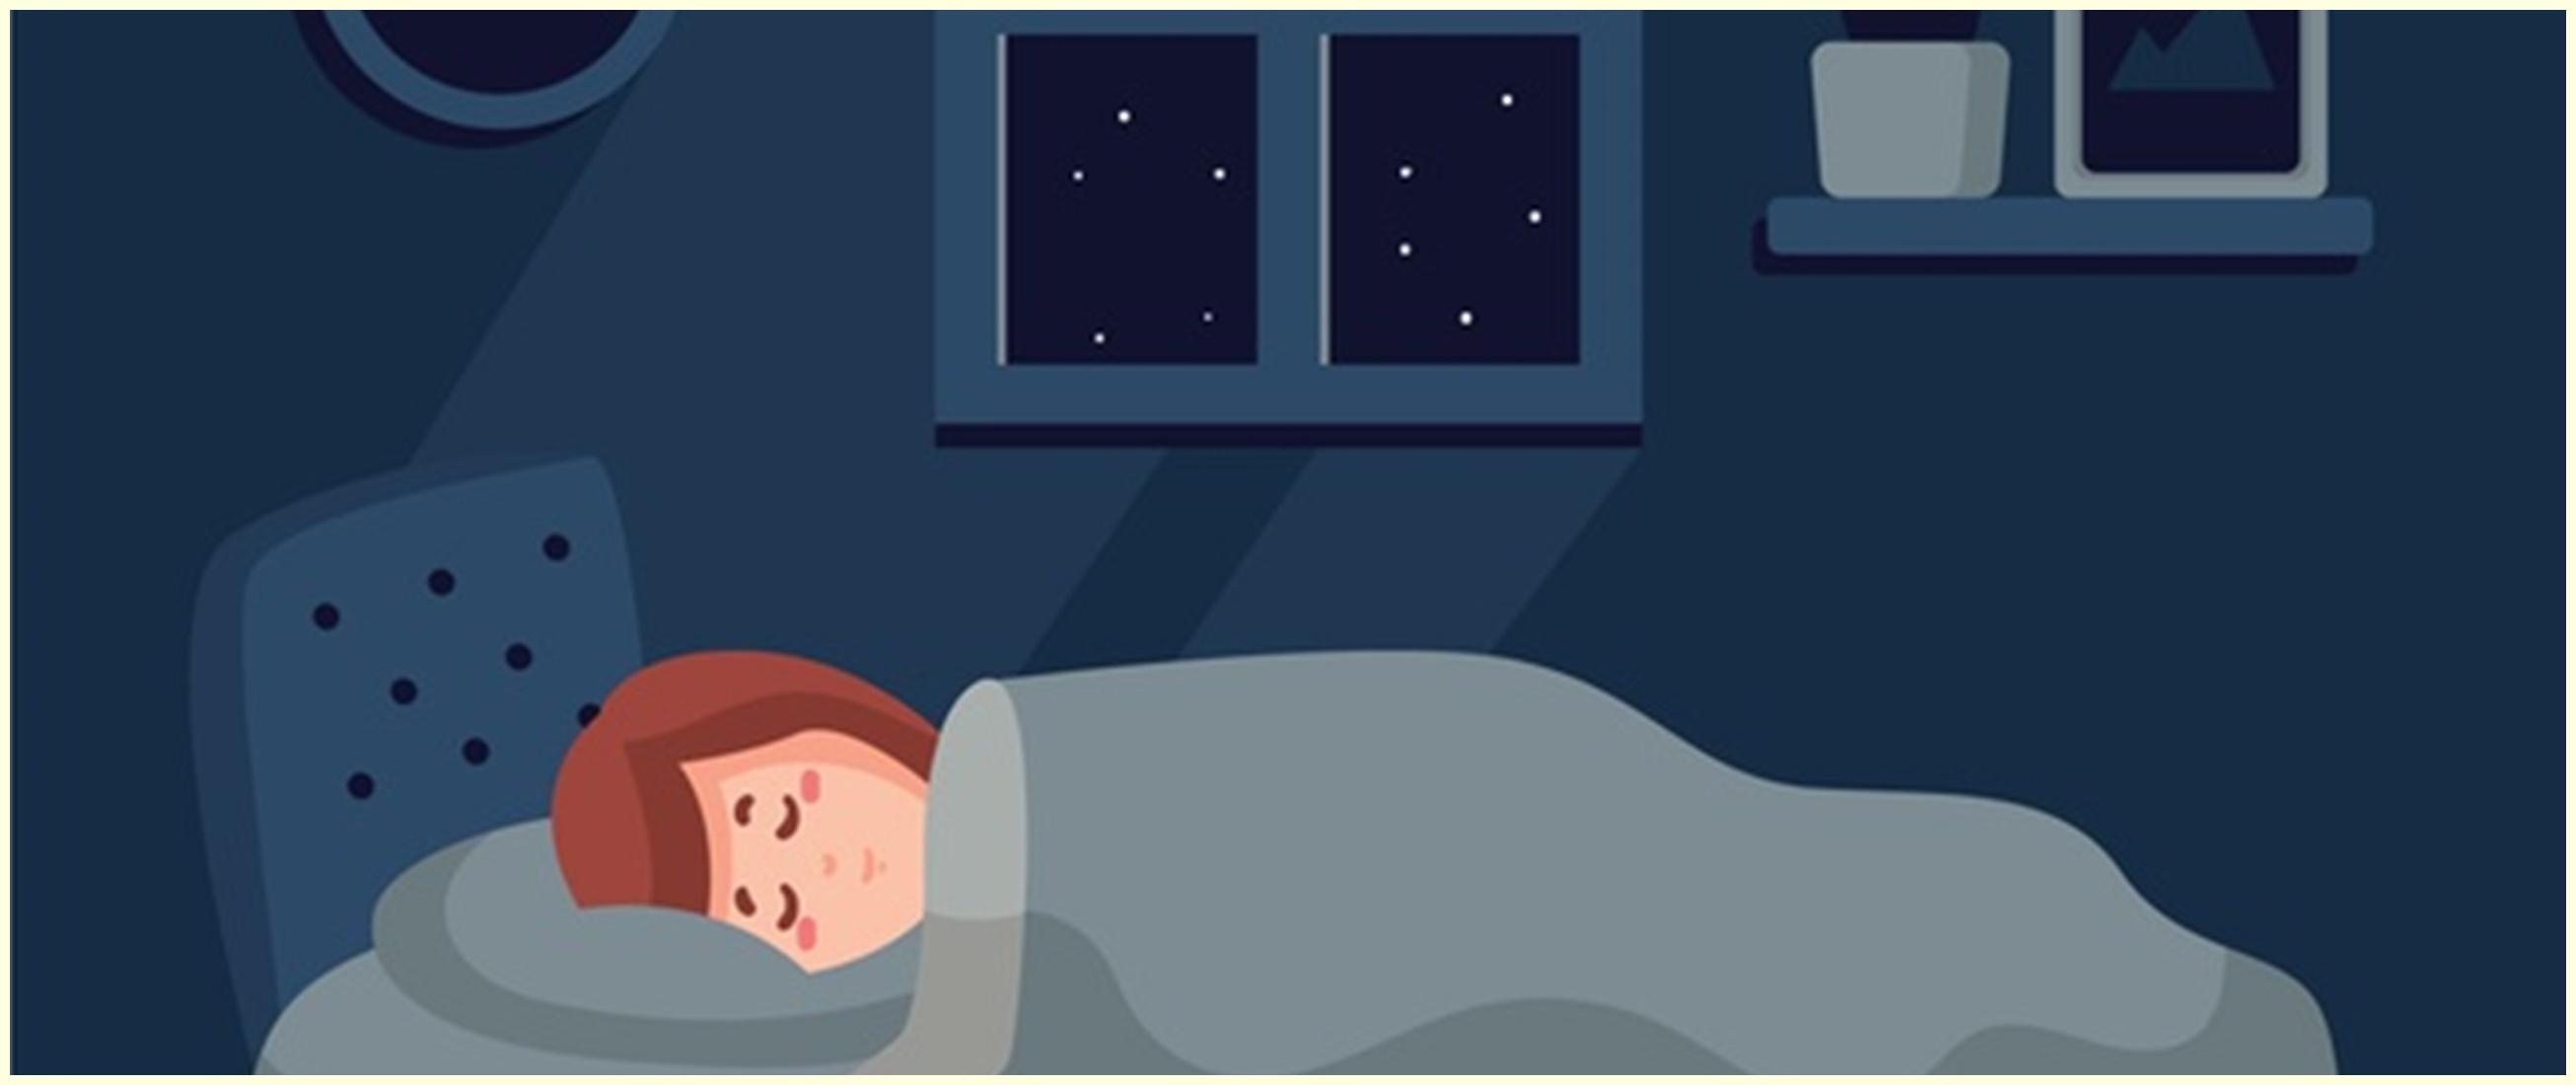 Doa dzikir menjelang tidur sesuai sunnah, lengkap dengan bacaannya